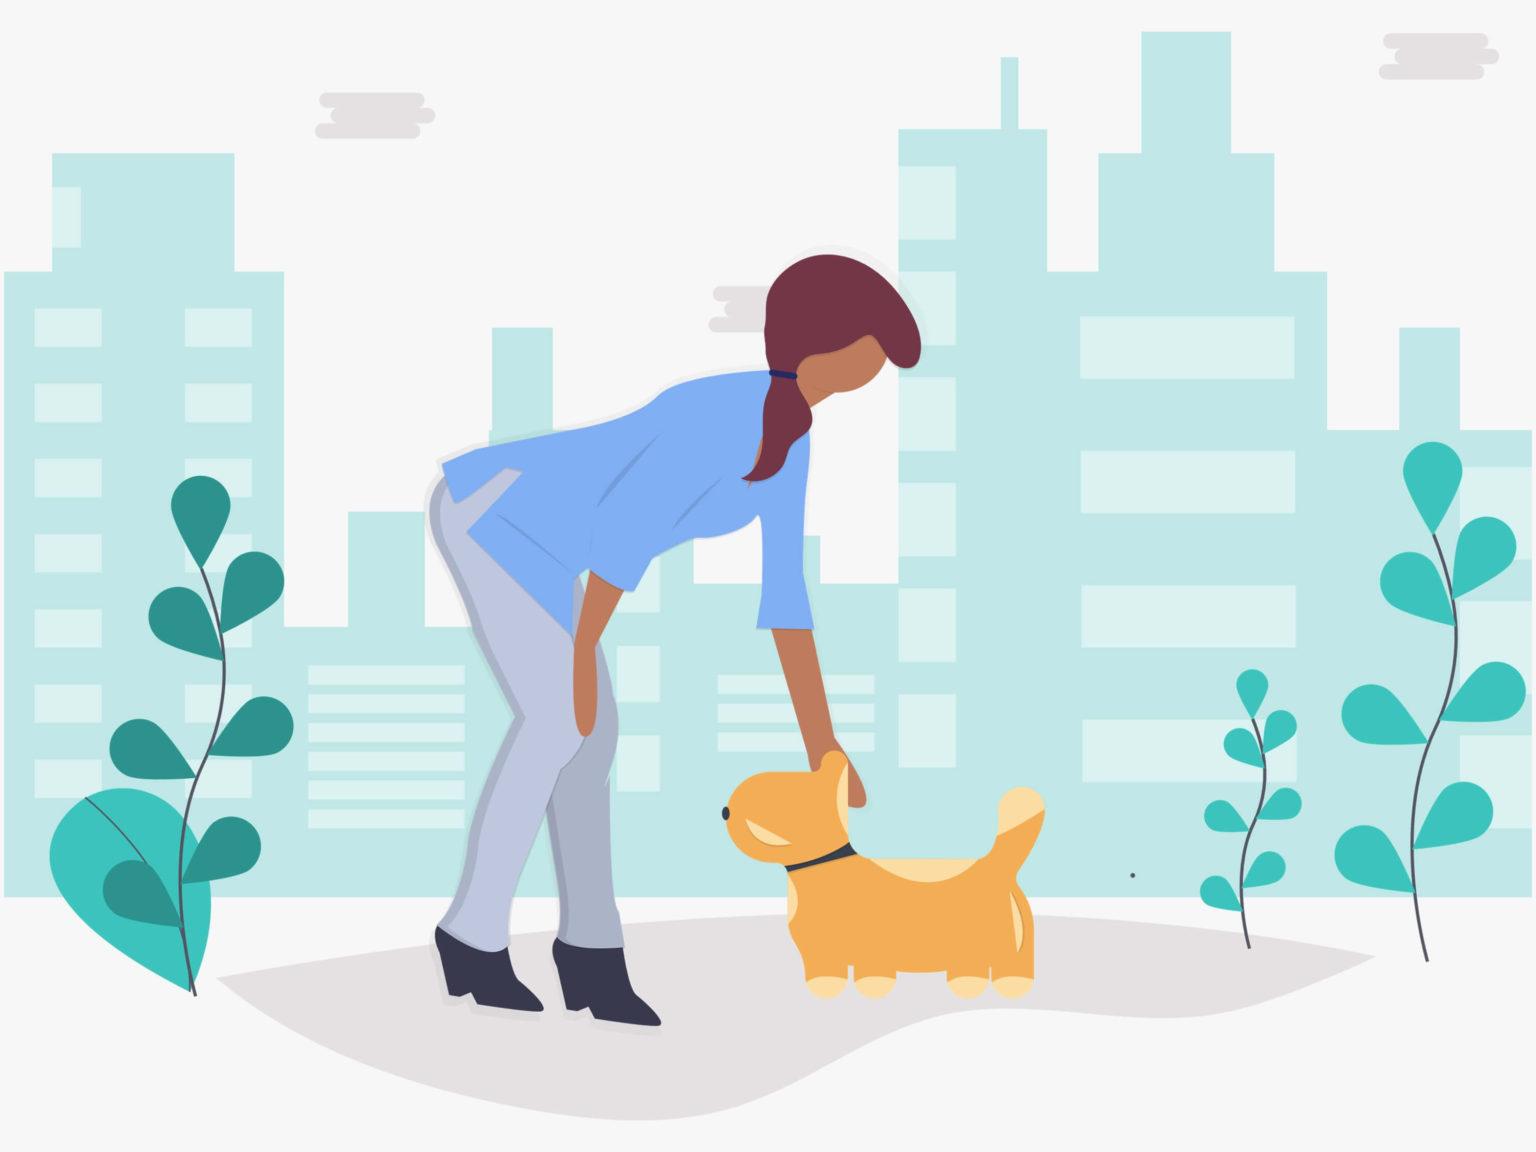 hunde-kosten-im-jahr-hero